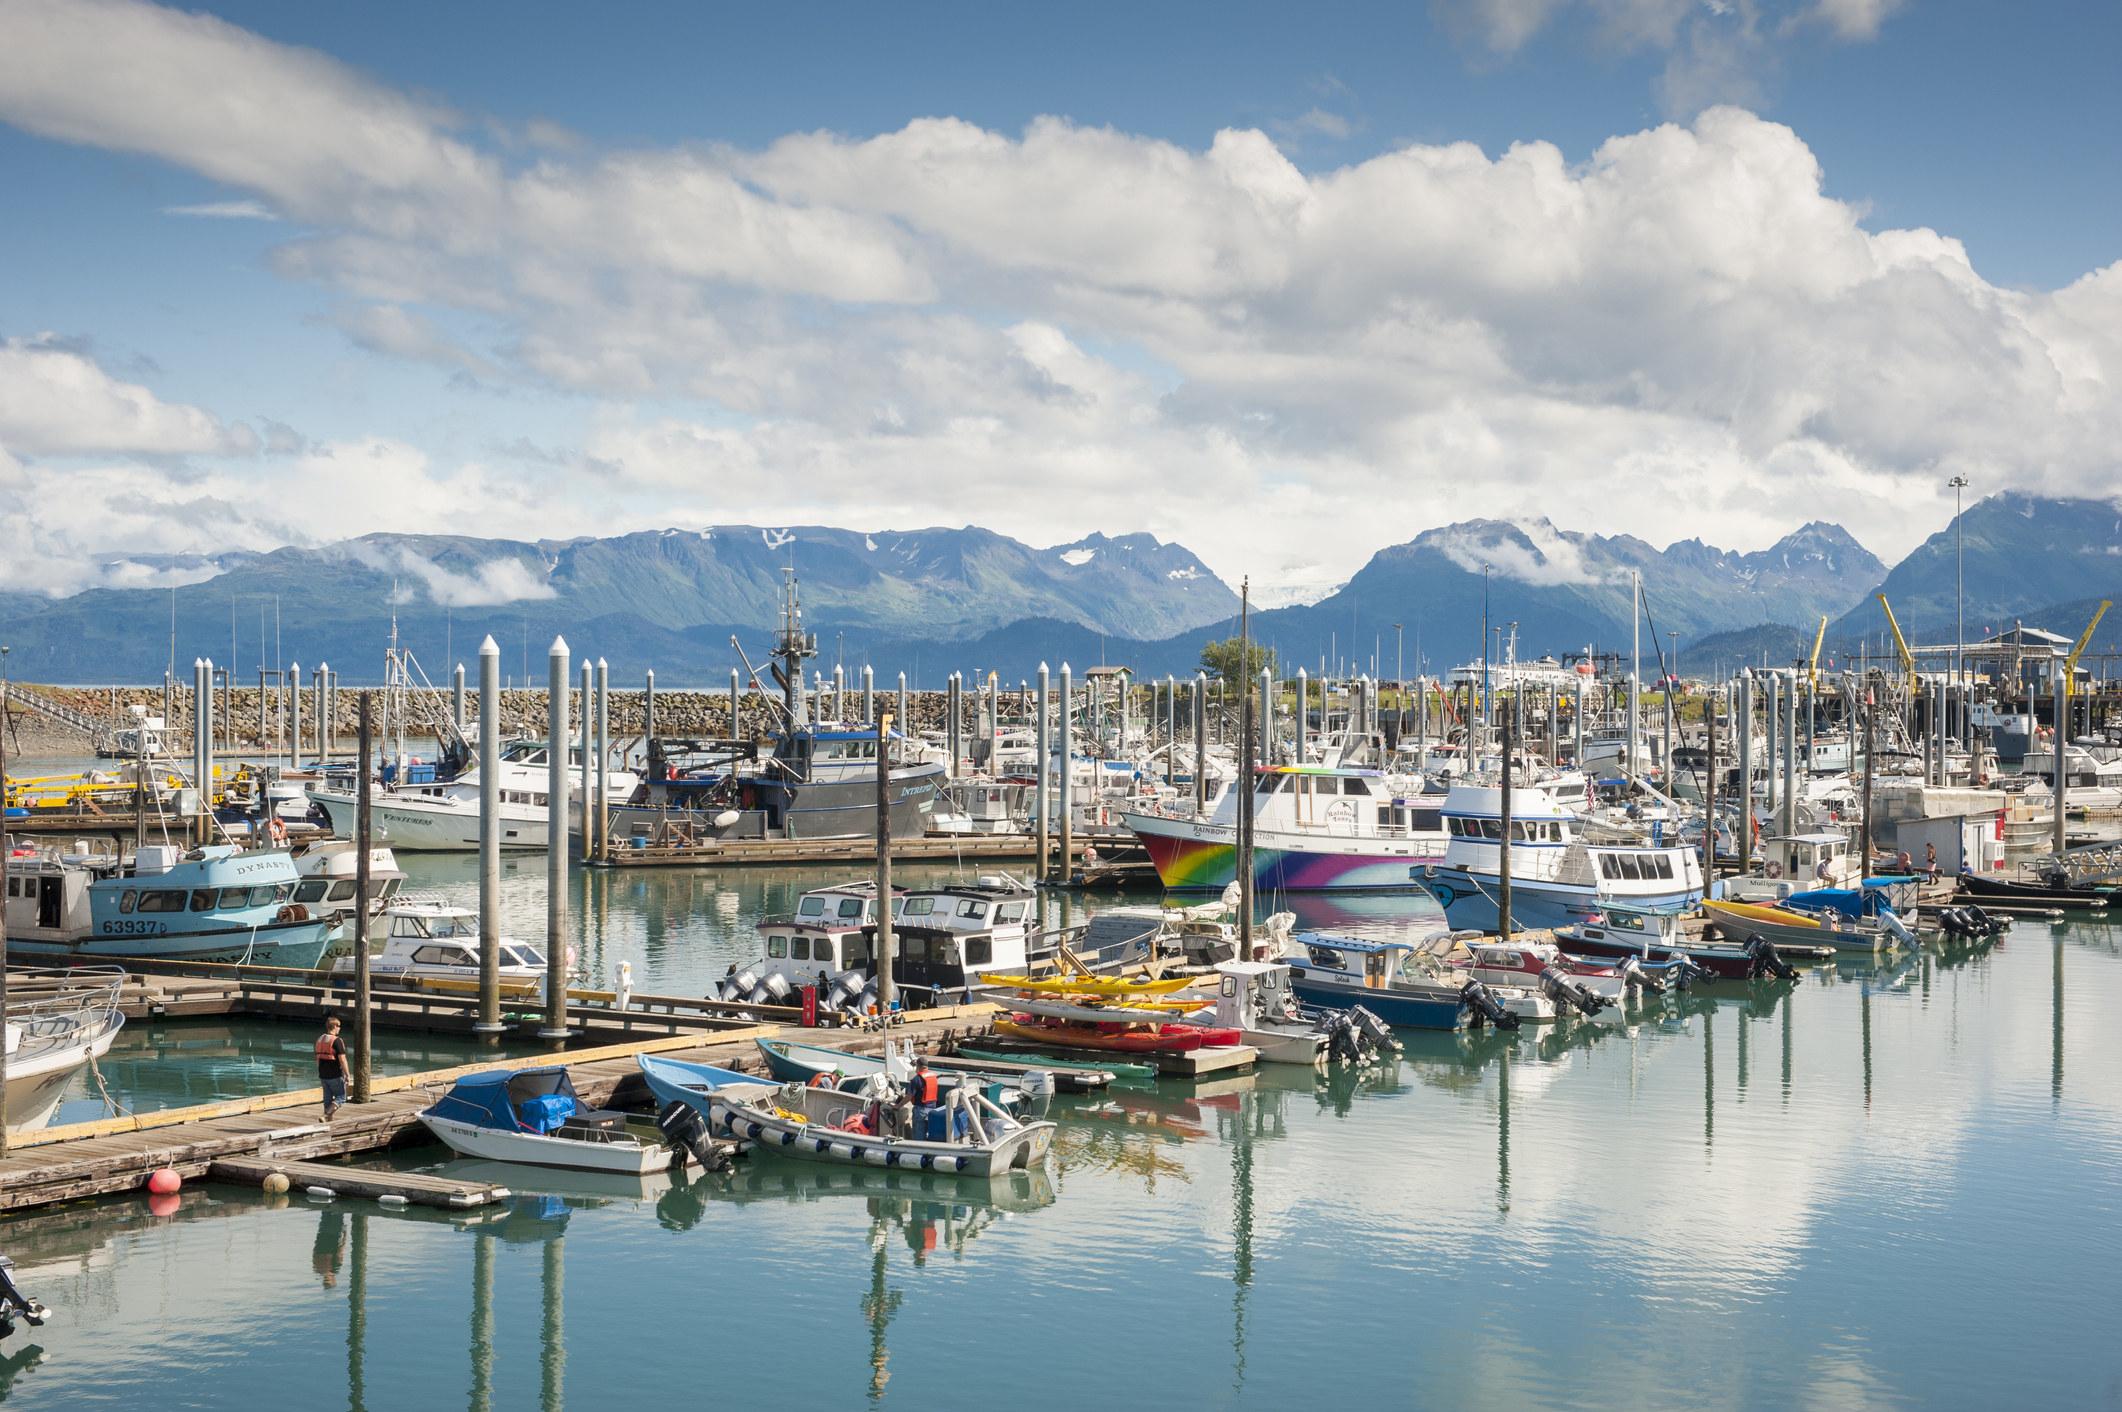 Boats in the harbor in Homer, Alaska.